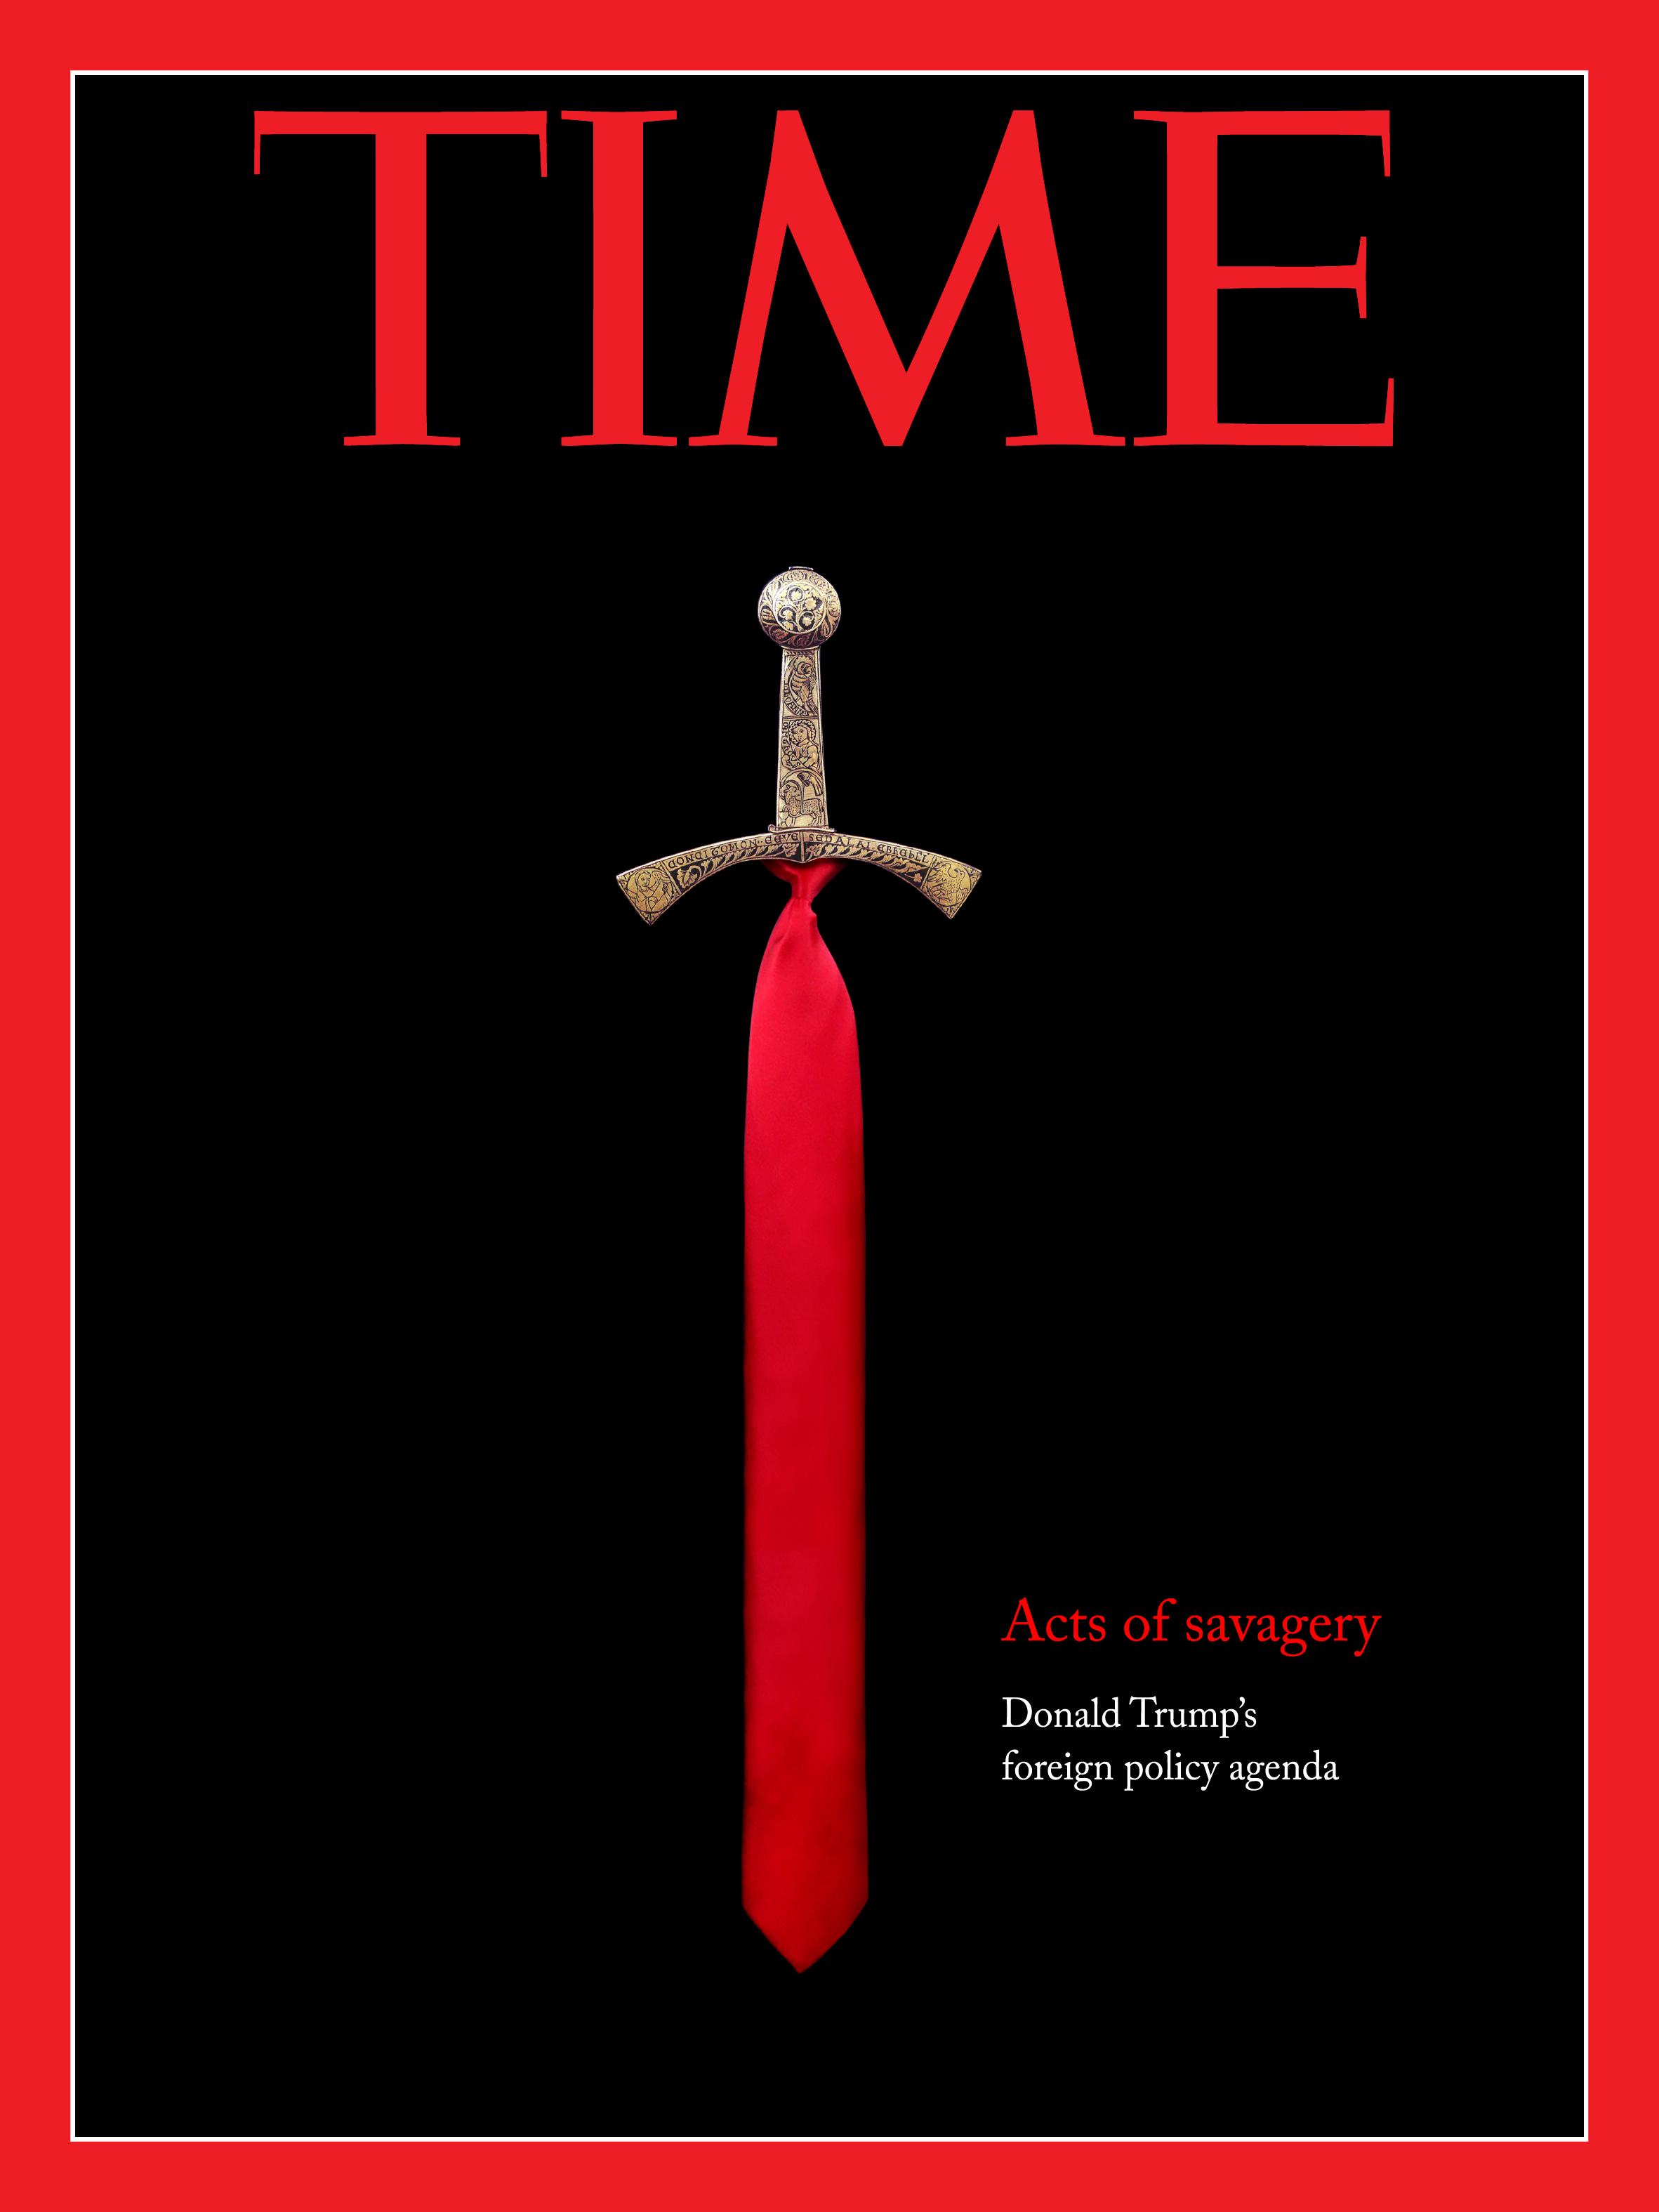 Composing von einem schwert und der Krawatte von Donald Trump, Idee für einen Time cover